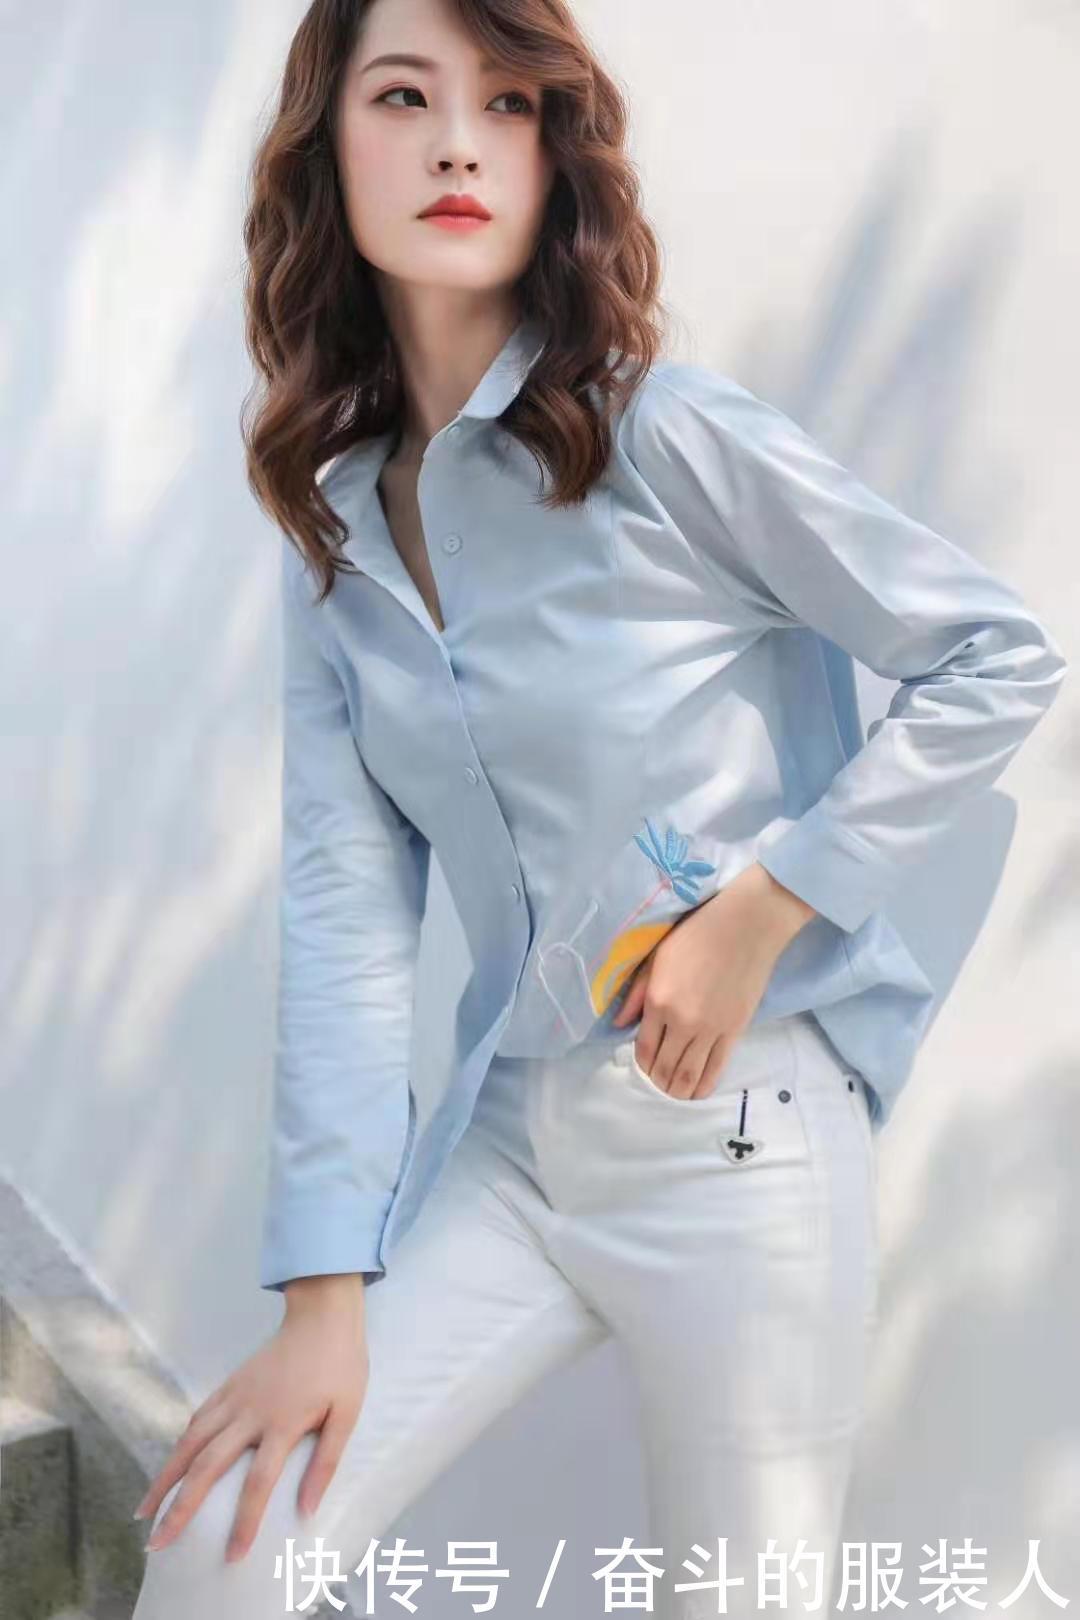 依沐瑶女装加盟(原创设计师女装品牌)汇集简欧、潮牌、森系三大风格一家衣王雨